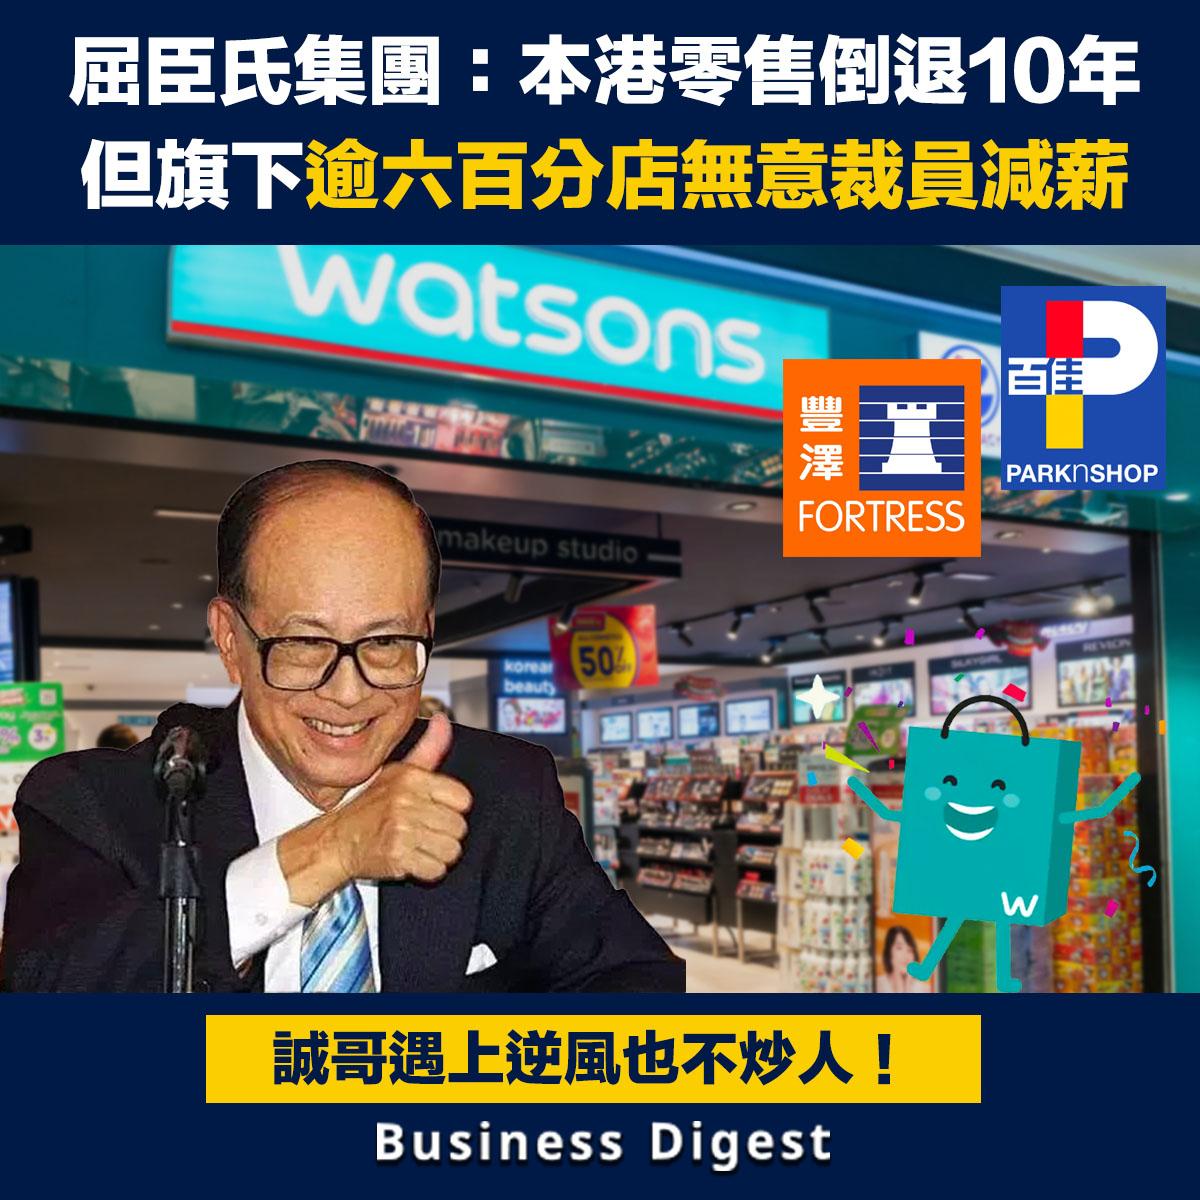 屈臣氏集團:本港零售倒退10年,但旗下逾六百分店無意裁員減薪